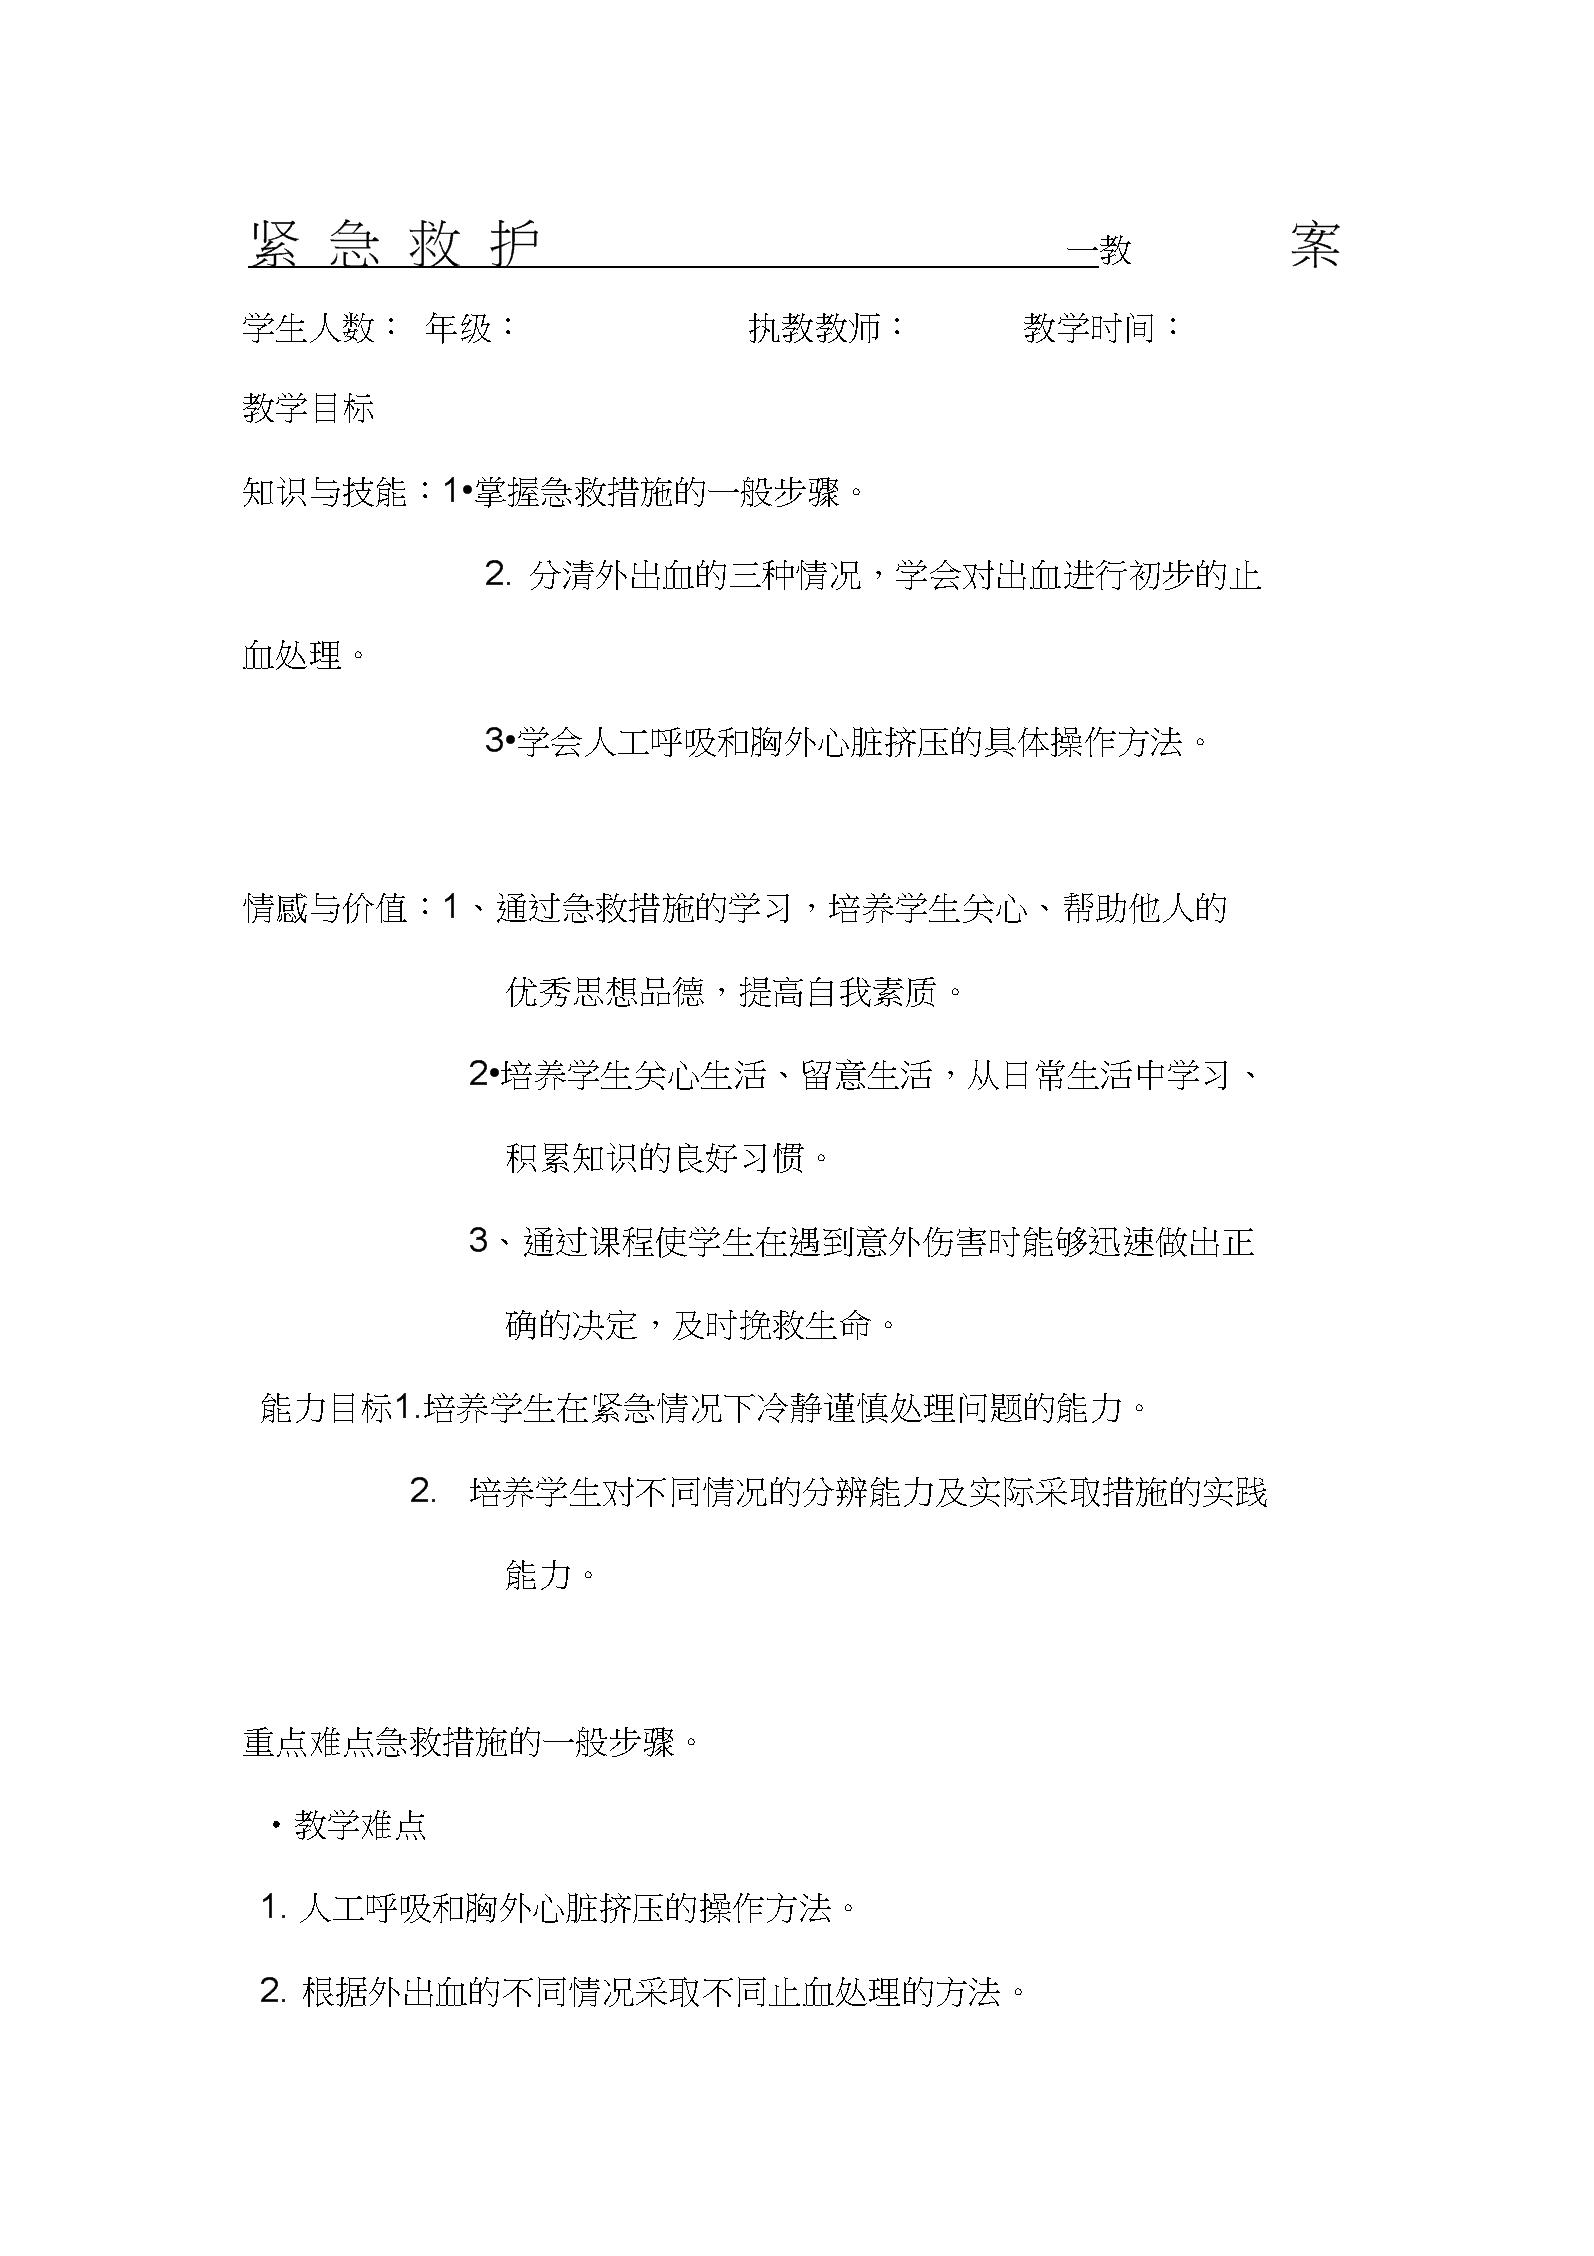 紧急救护教案.docx